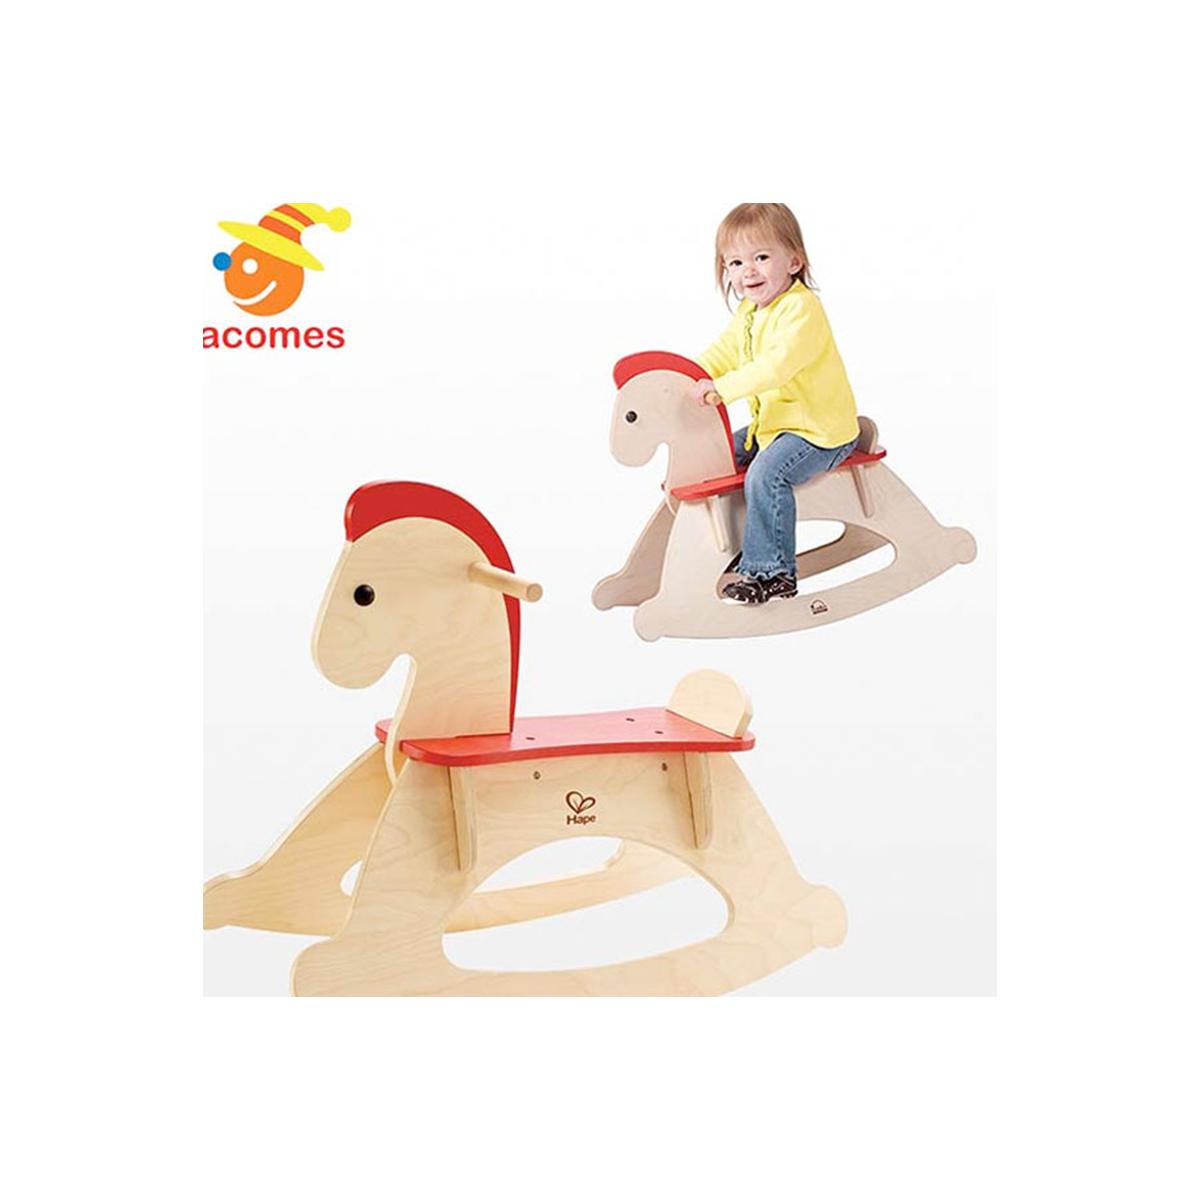 赤ちゃん 木馬 木製のりもの ロッキング 海外 おもちゃ 幼児 10ヶ月~